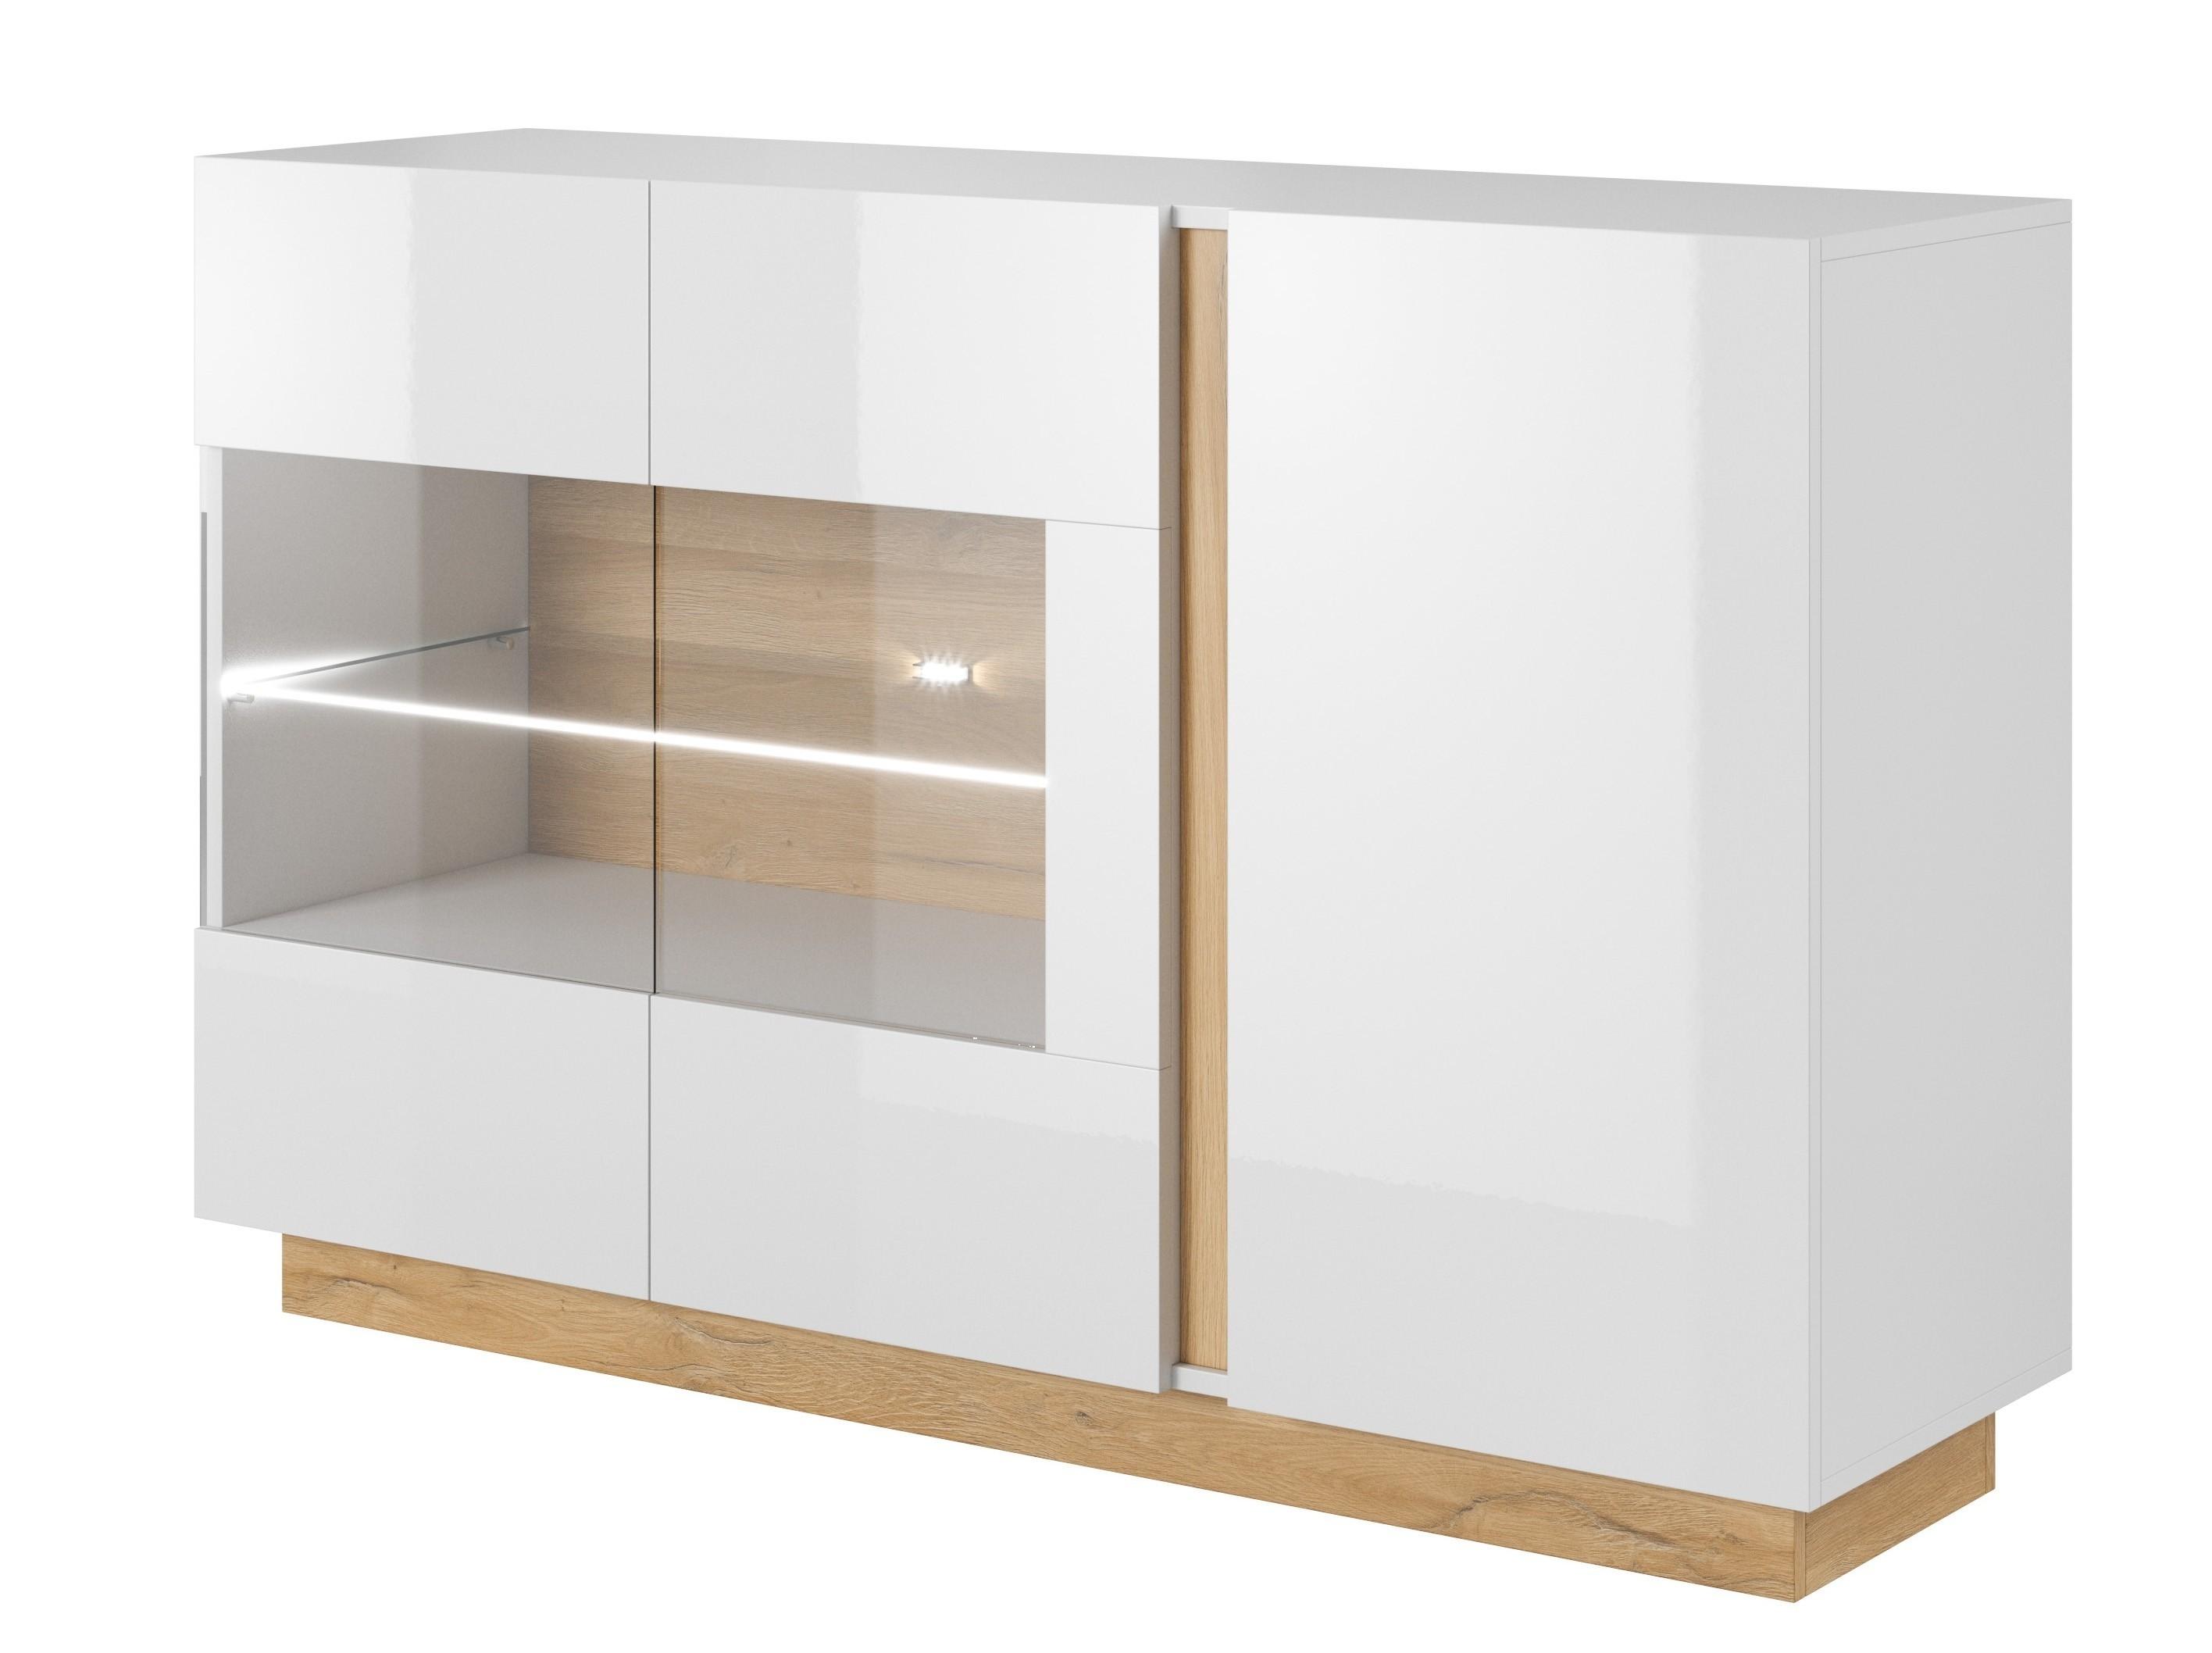 Sidetable Wit Met Glas.Dressoir Ashley Wit Eiken 138 Cm Met Glas